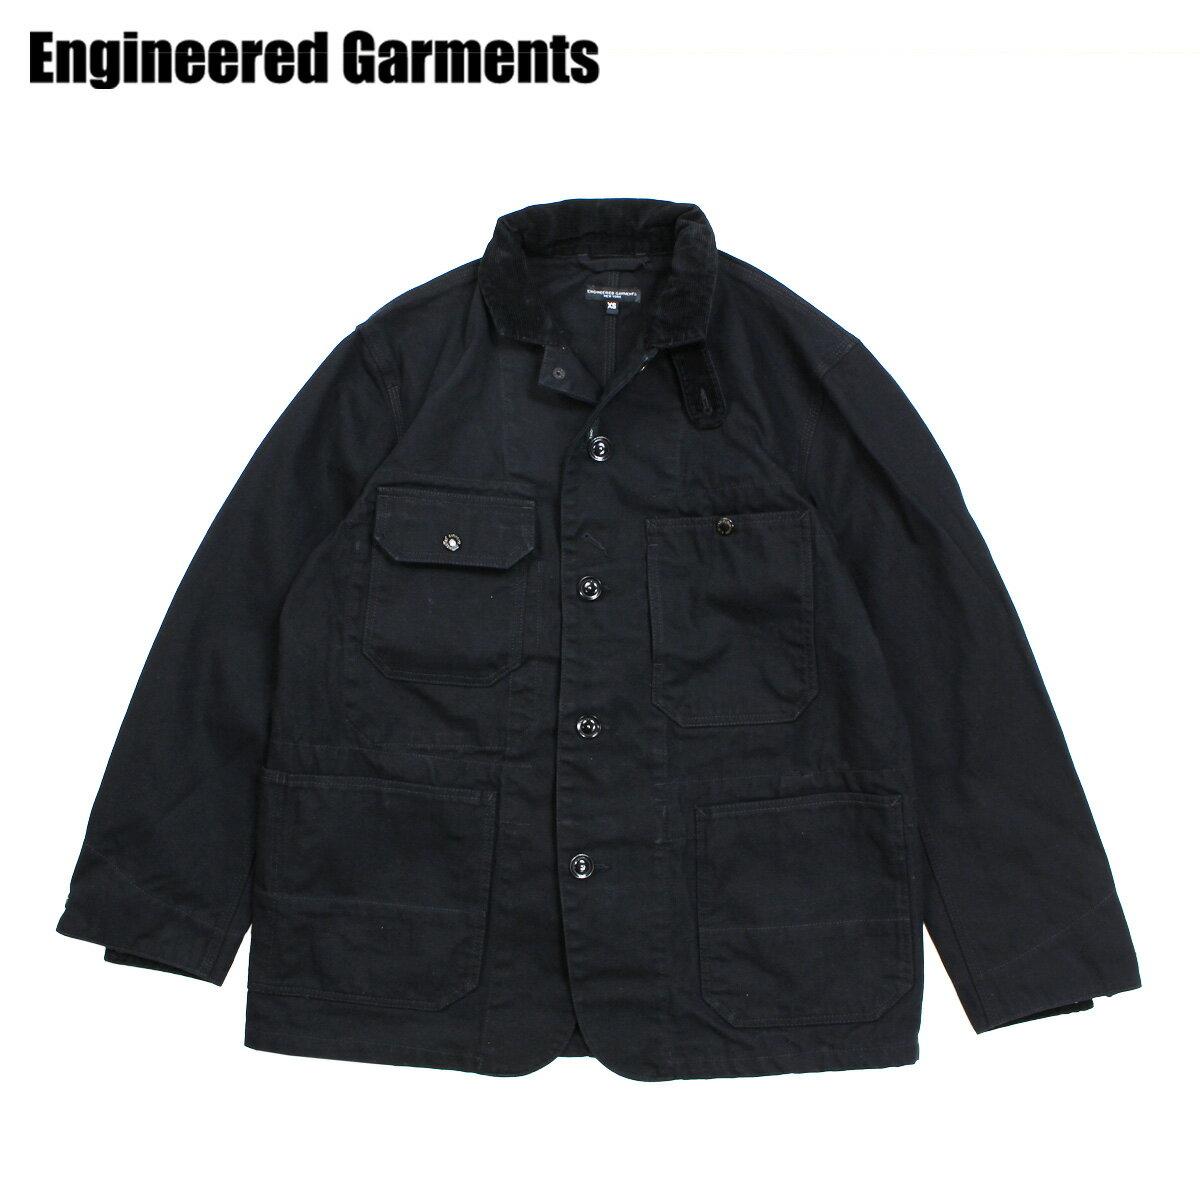 ENGINEERED GARMENTS LOGGER JACKET エンジニアドガーメンツ ジャケット メンズ ロング ブラック F8D1069